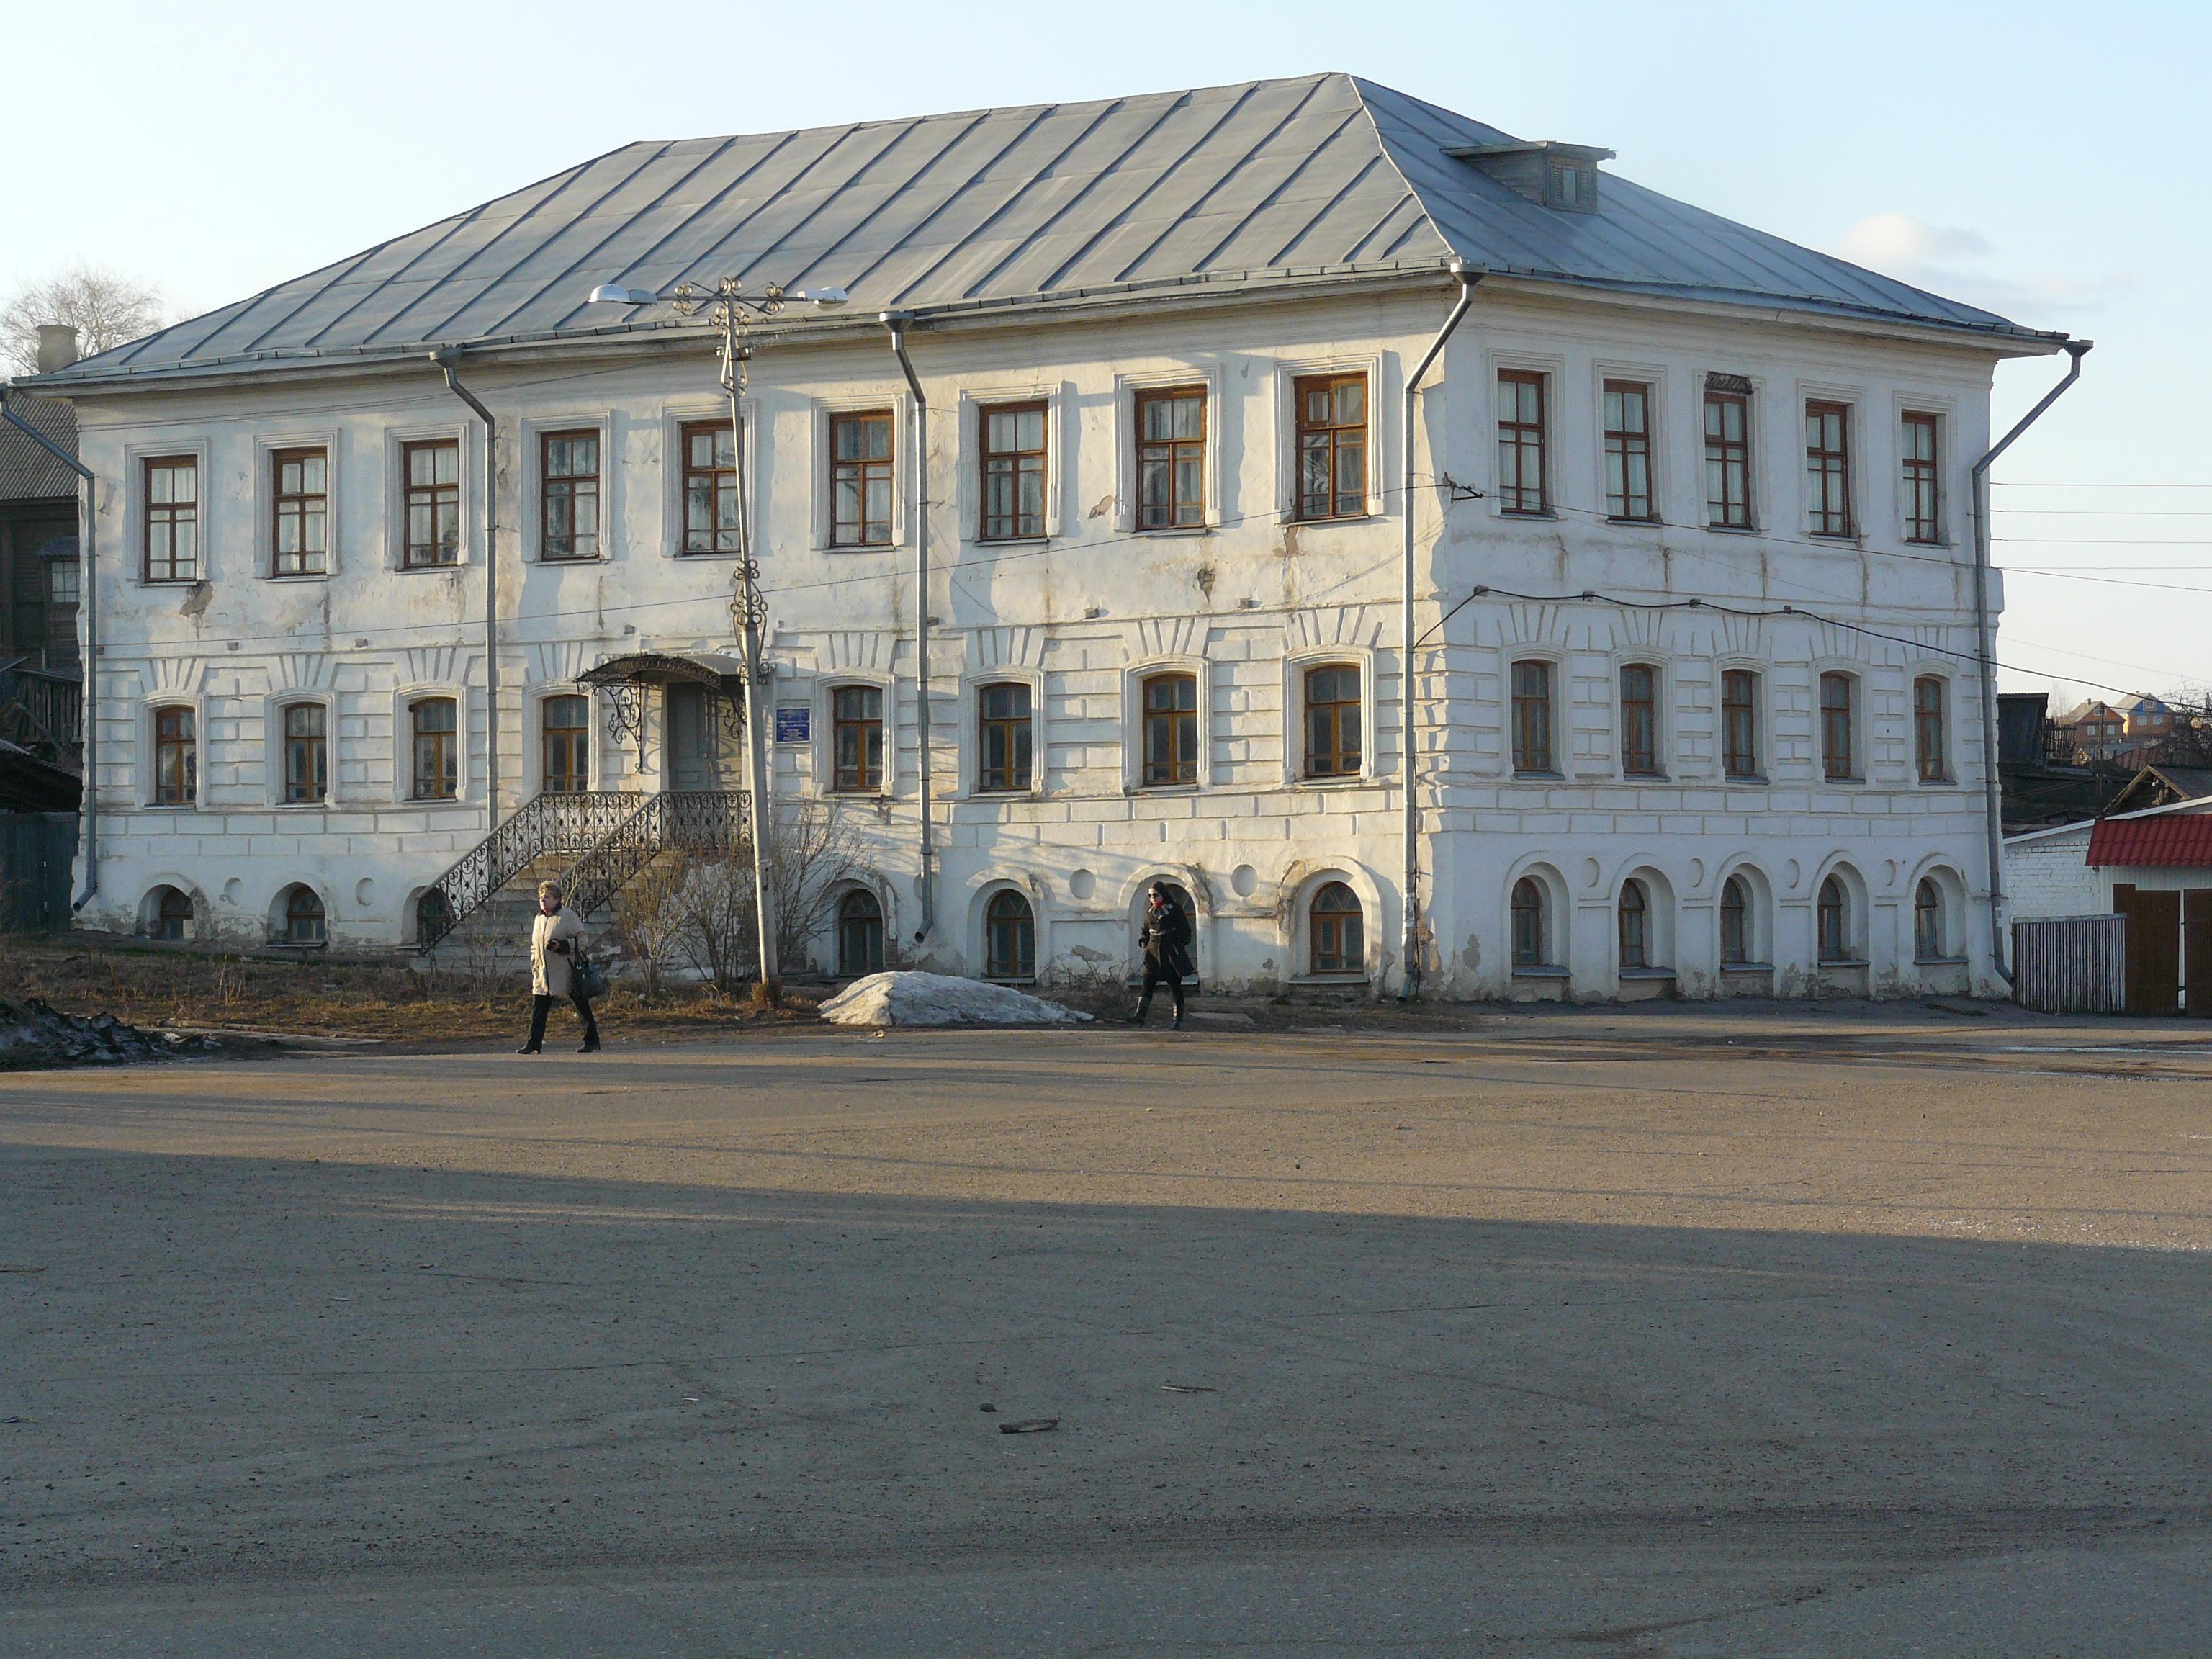 В Солигаличском музее есть полотна Г.Островского и художников школы Караваджо, например.